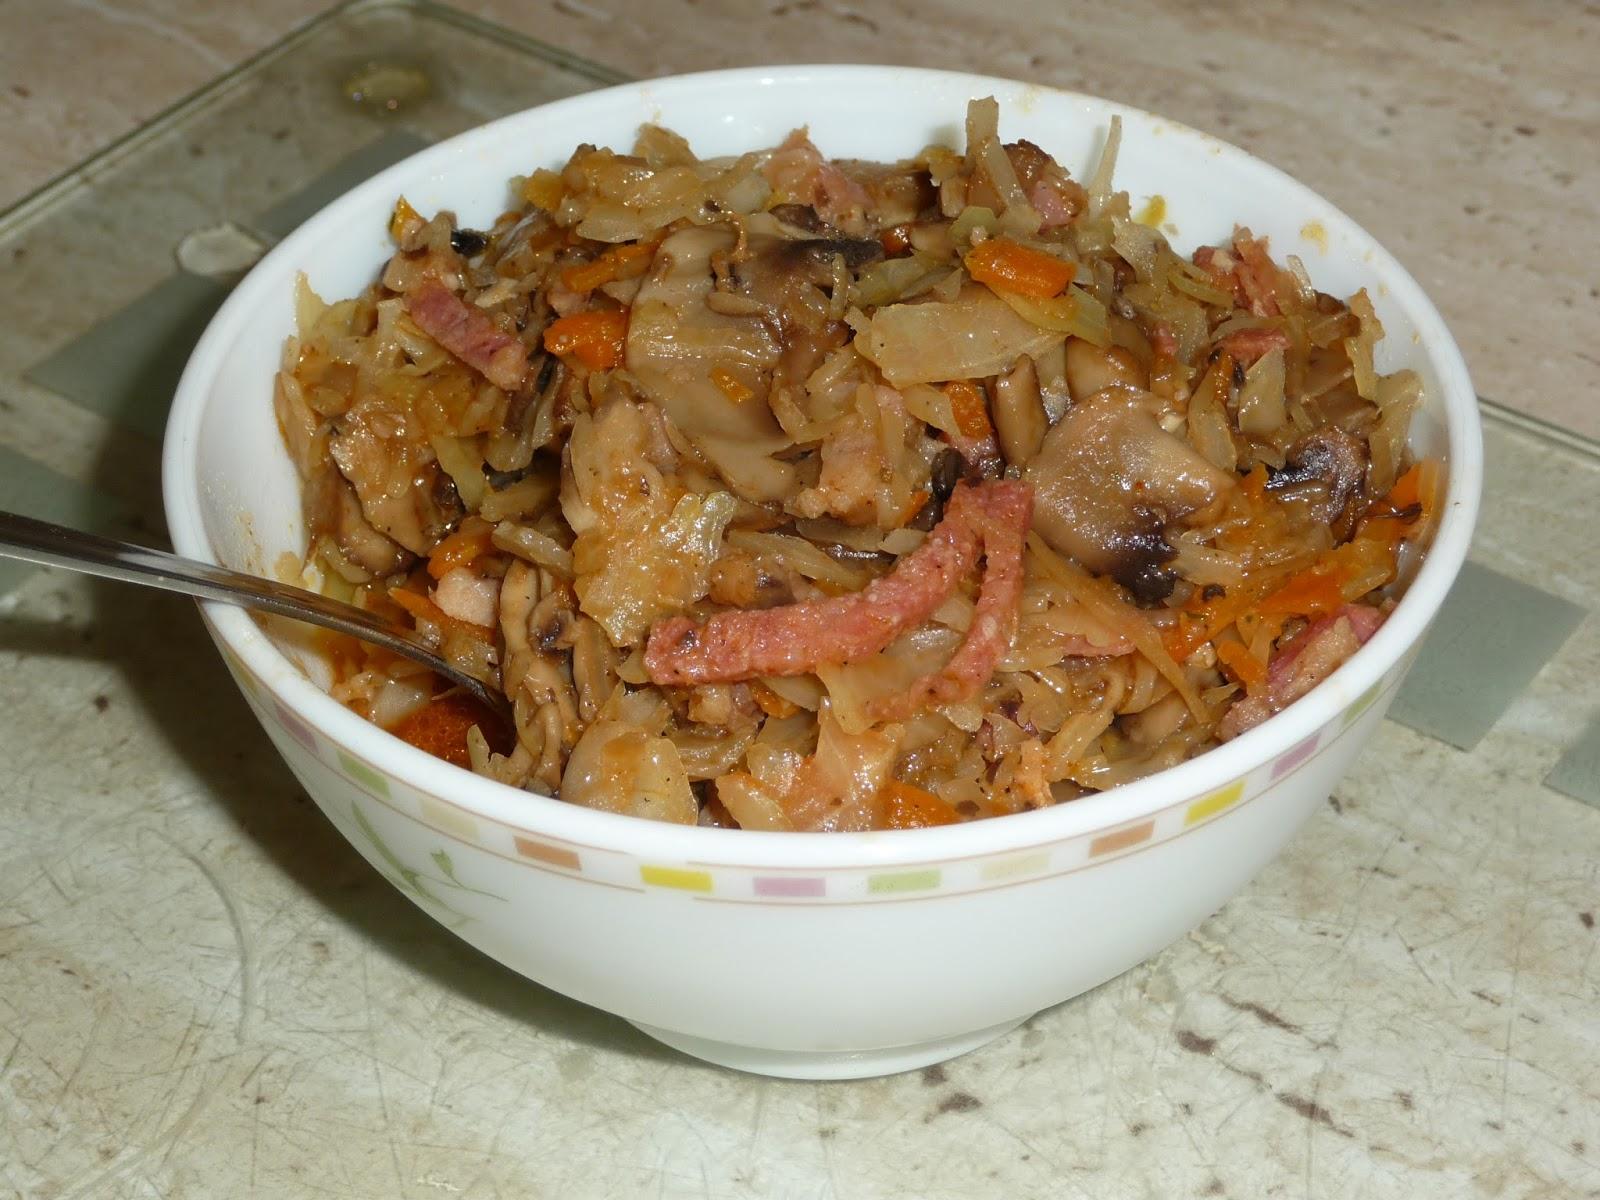 Блюда из овощей и грибов - рецепты овощных блюд с фото 89